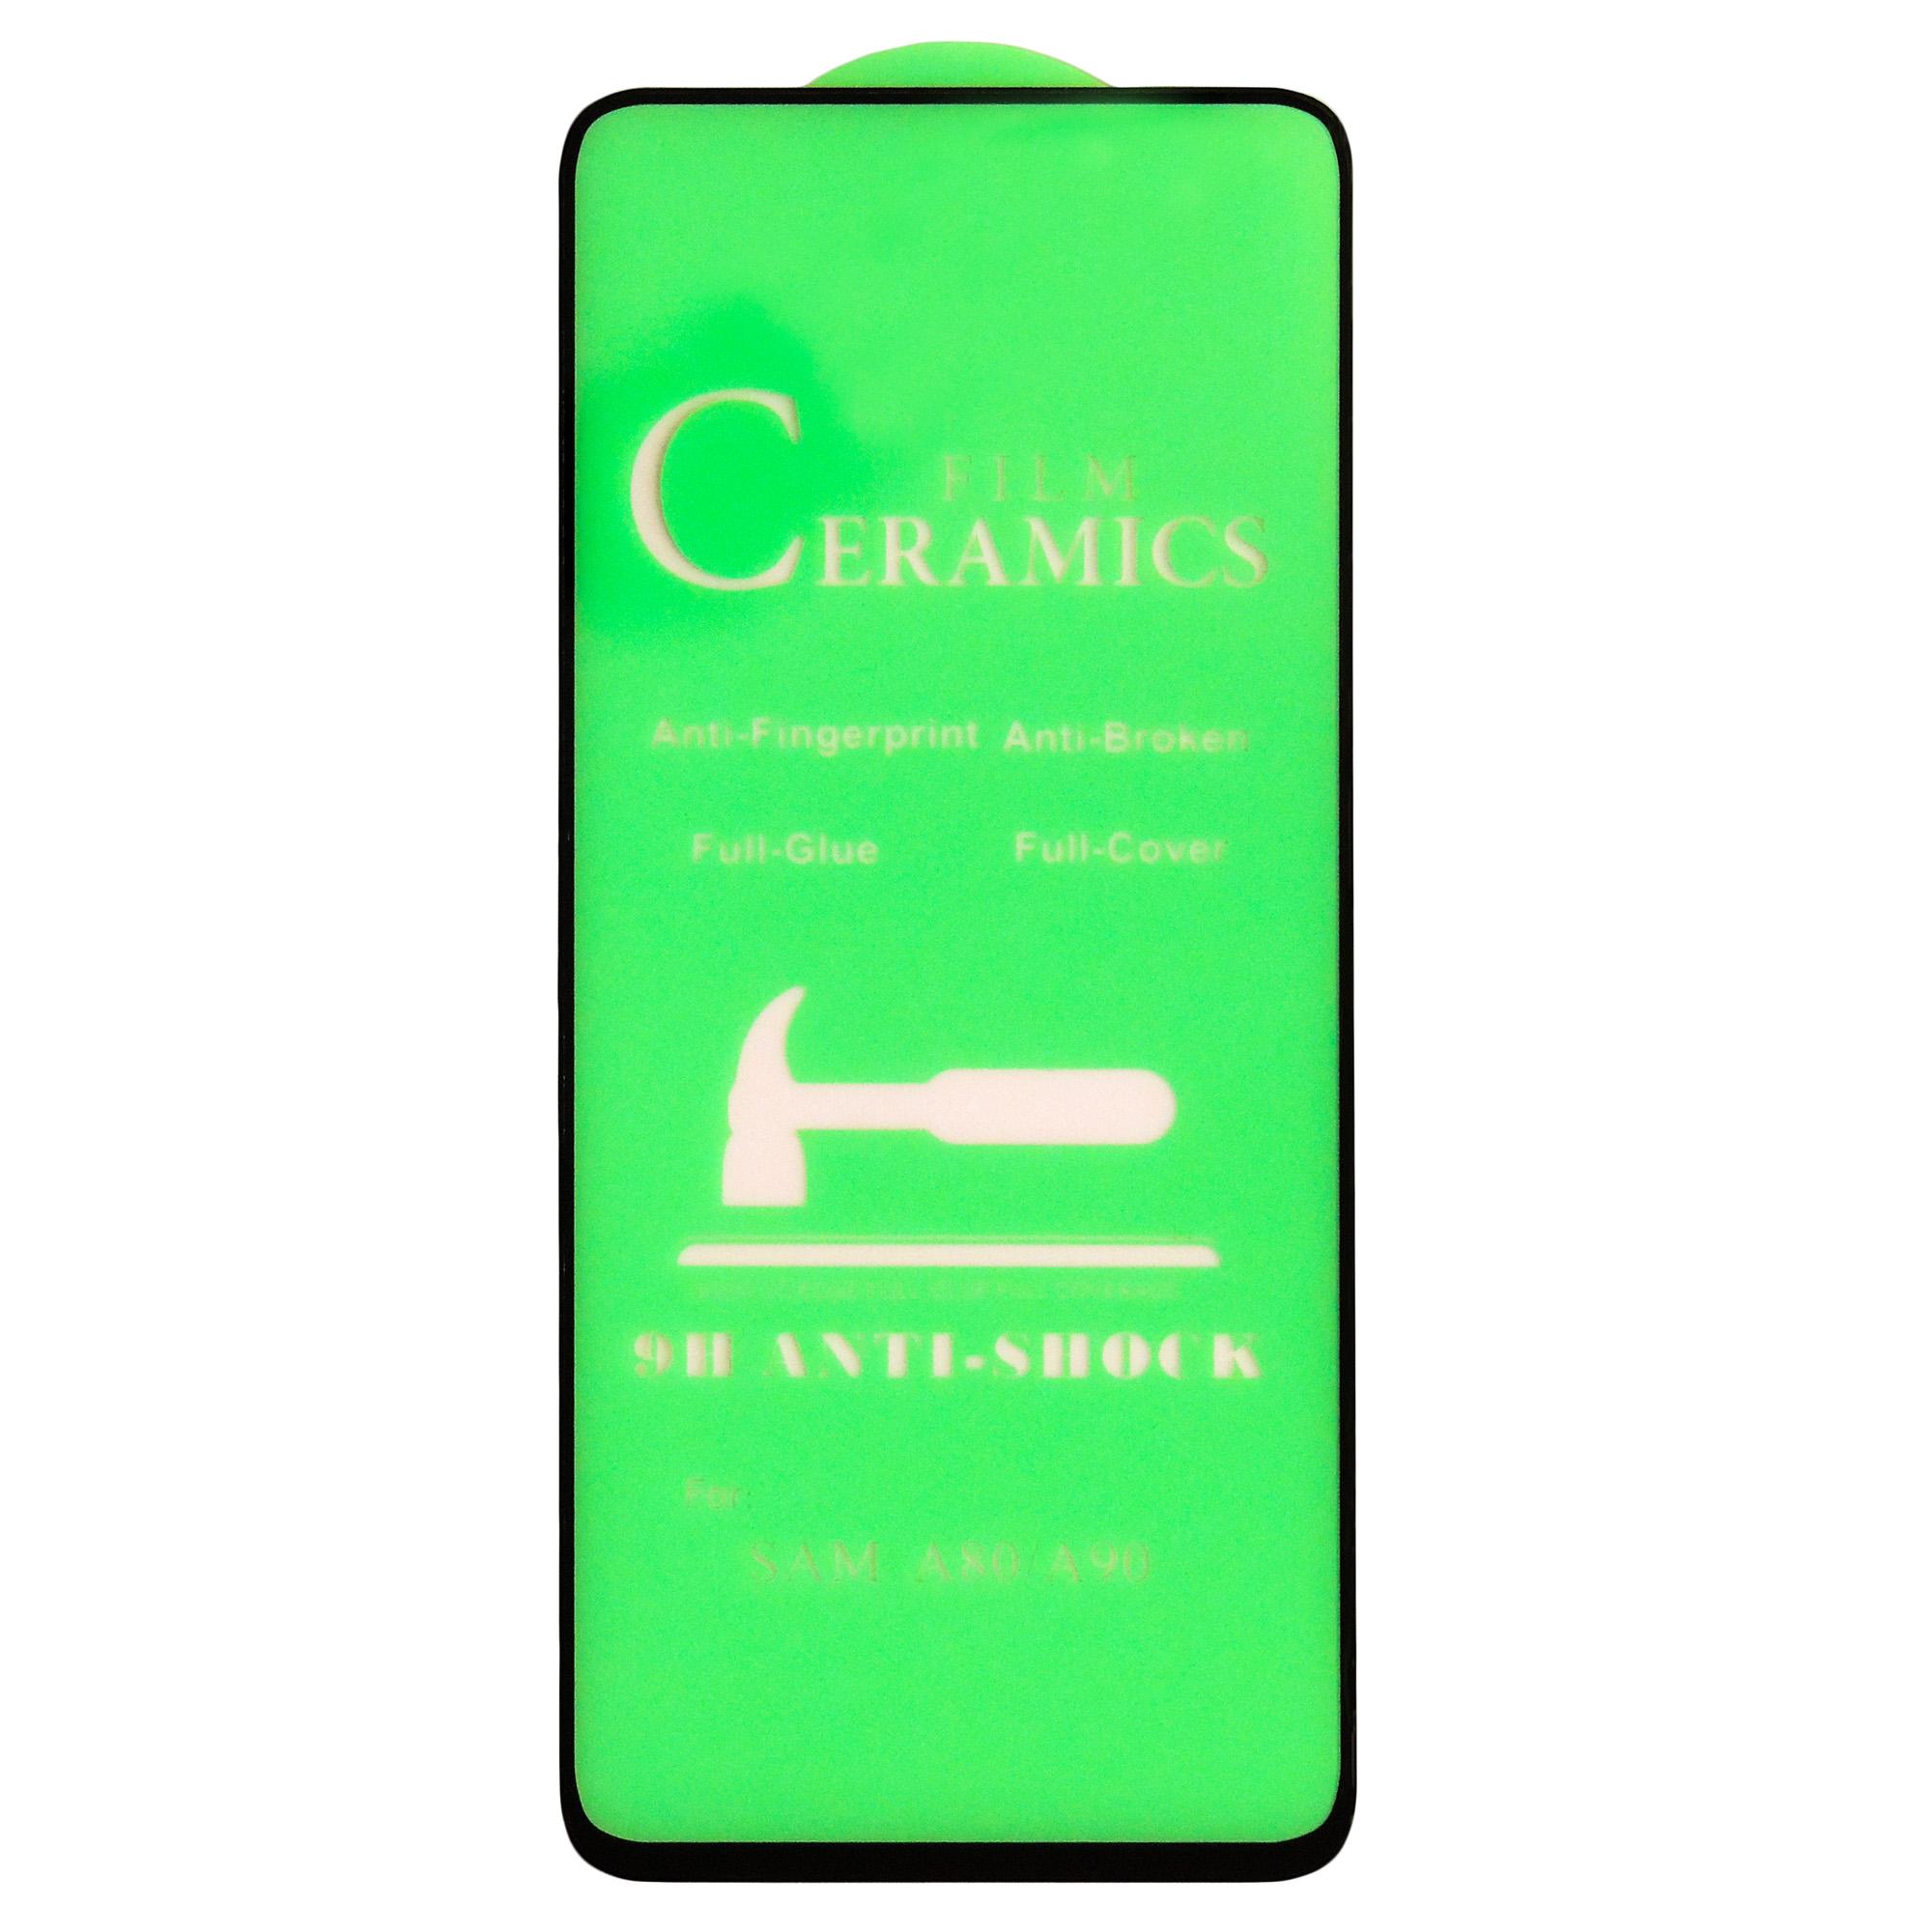 محافظ صفحه نمایش مدل BK مناسب برای گوشی موبایل سامسونگ Galaxy A80/A90